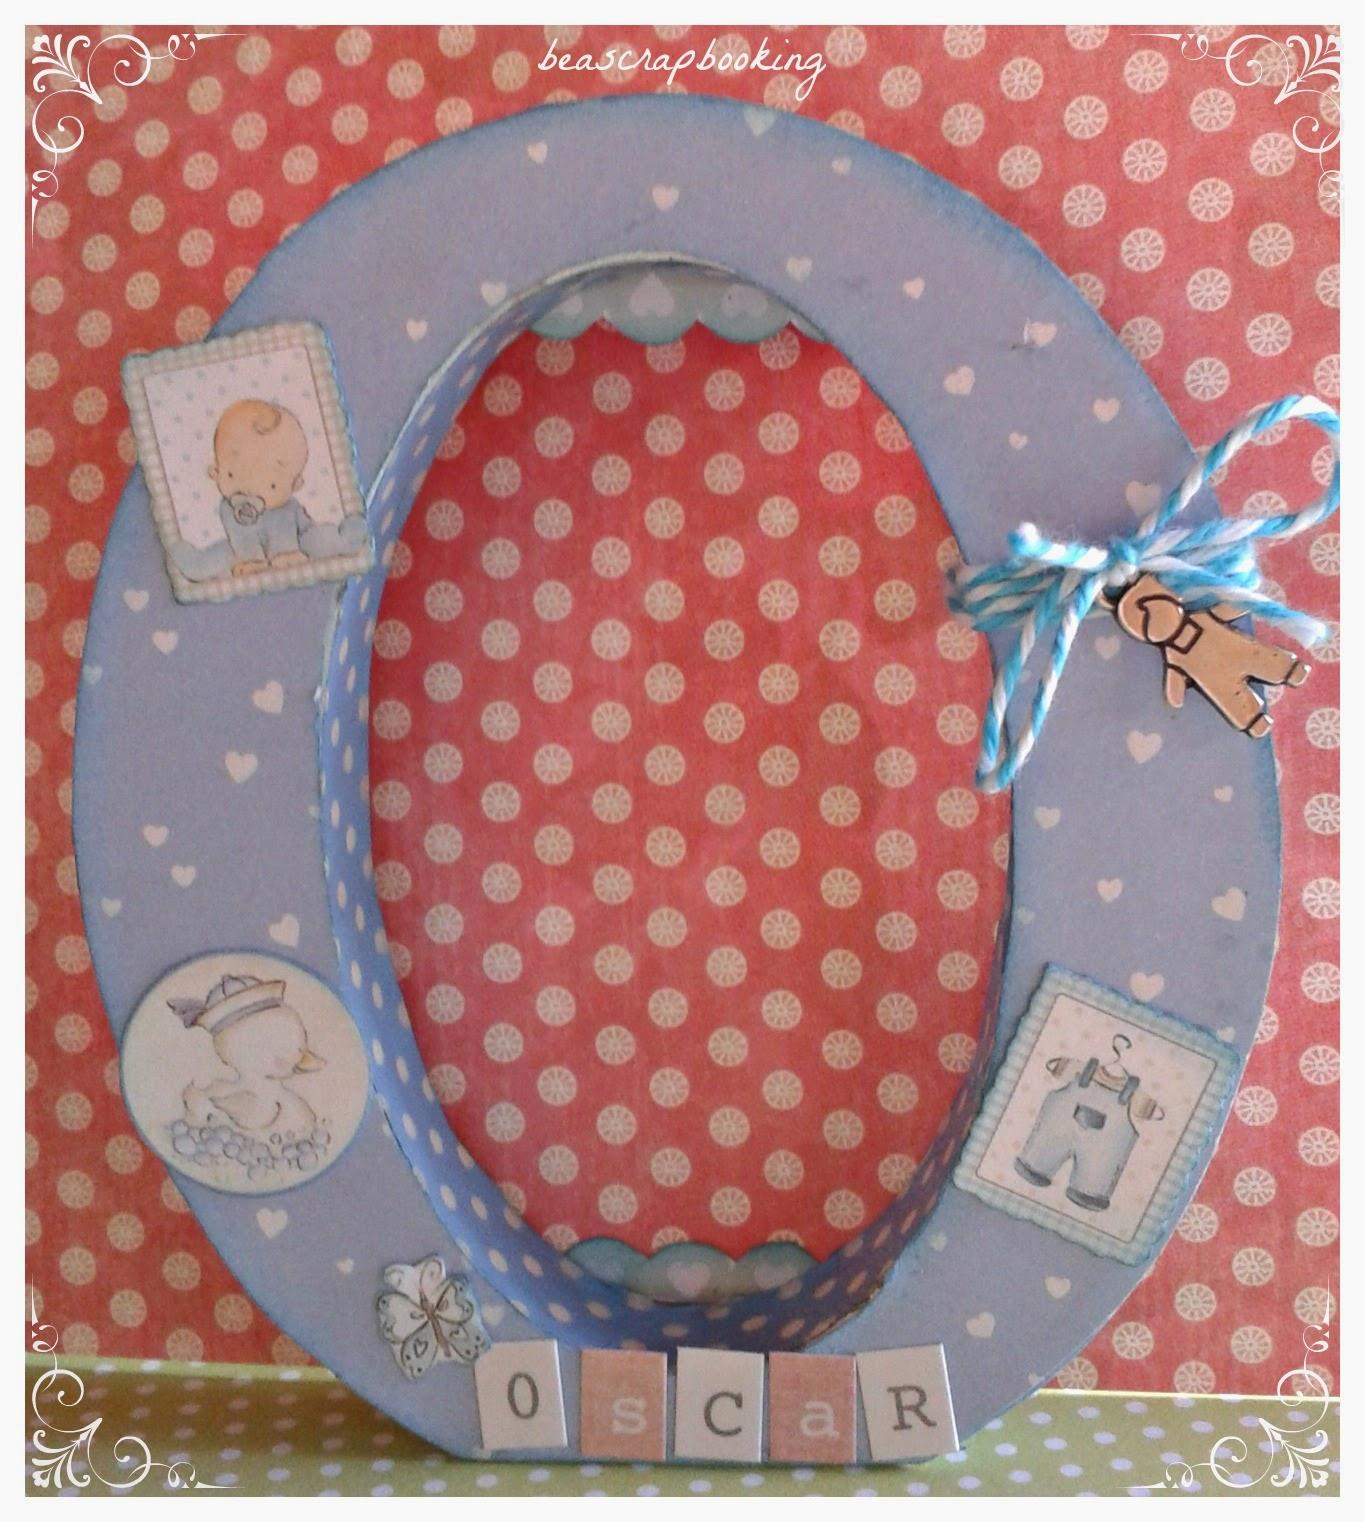 Beascrapbooking letras infantiles decoradas o de oscar y d de daniela - Letras decoradas infantiles ...